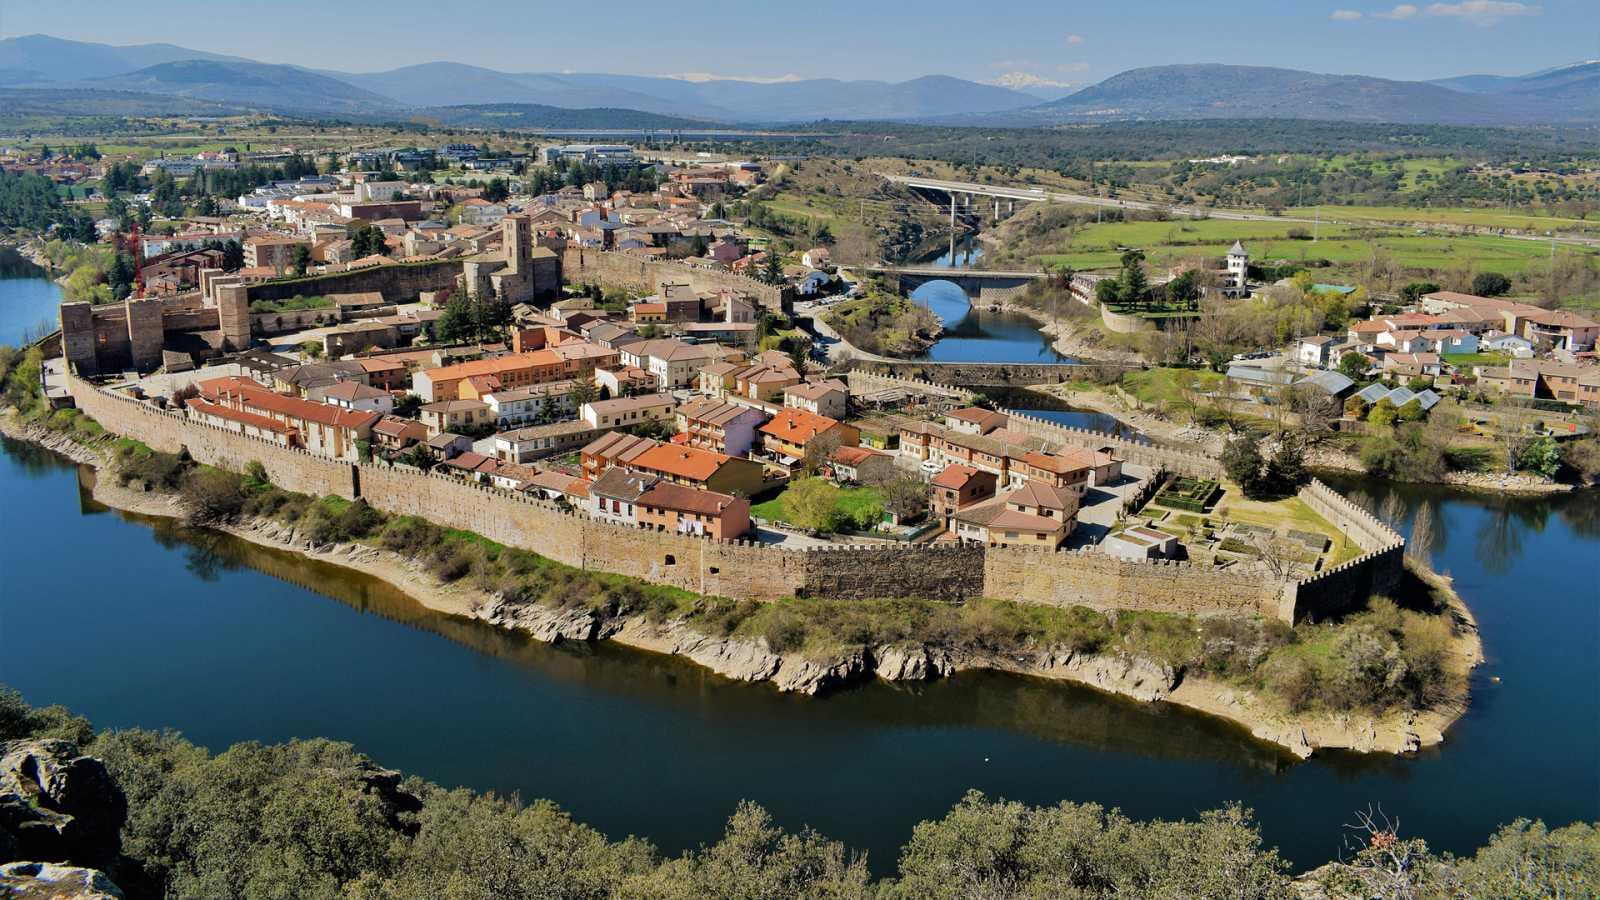 En clave Turismo - Pueblos preciosos de la Comunidad de Madrid - 17/11/20 - escuchar ahora